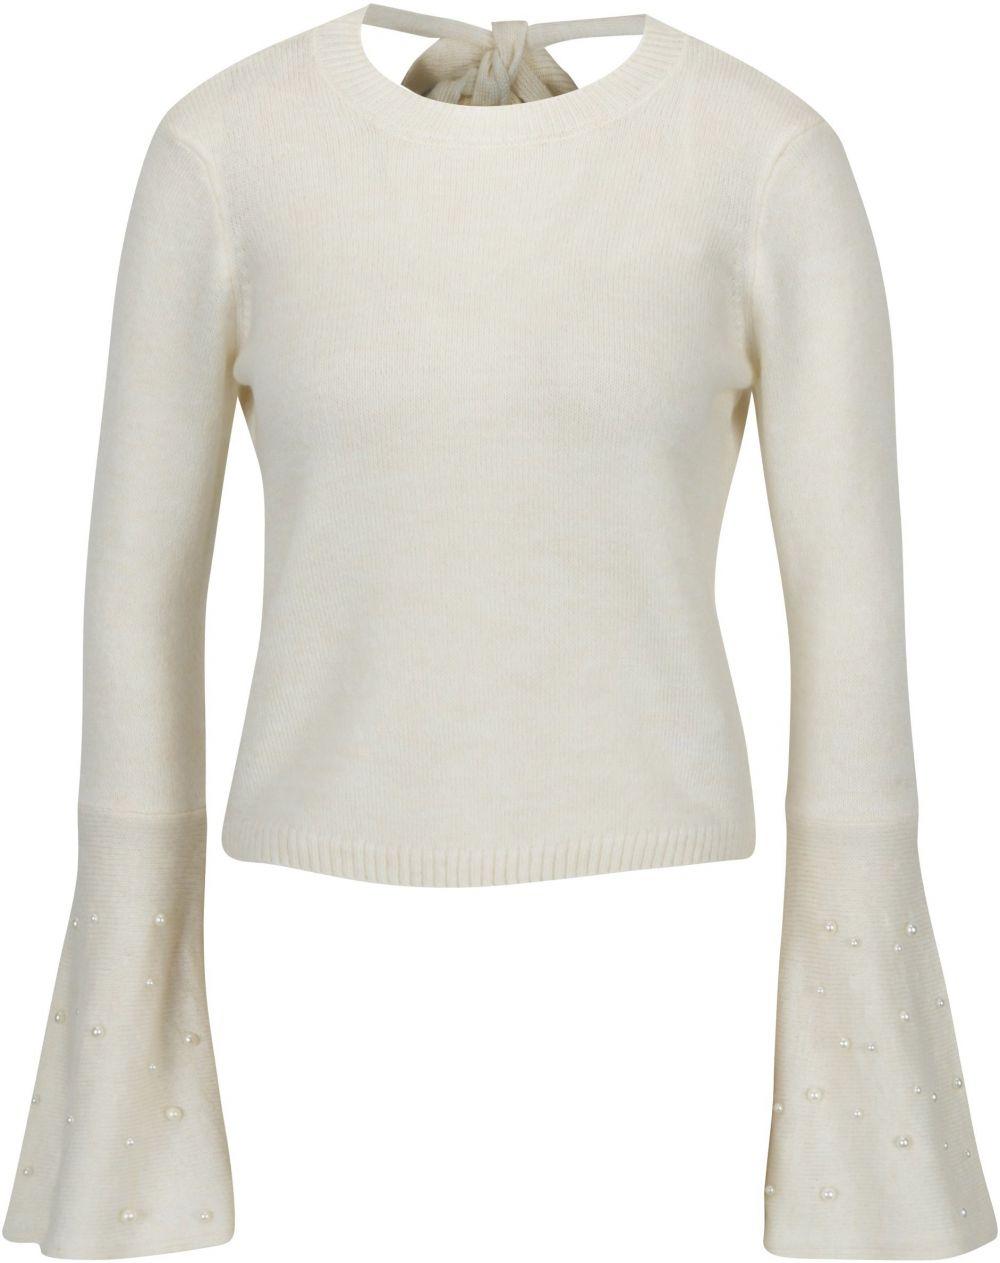 82c8c77871fc Krémový krátky sveter so zvonovými rukávmi a odhaleným chrbtom Miss  Selfridge